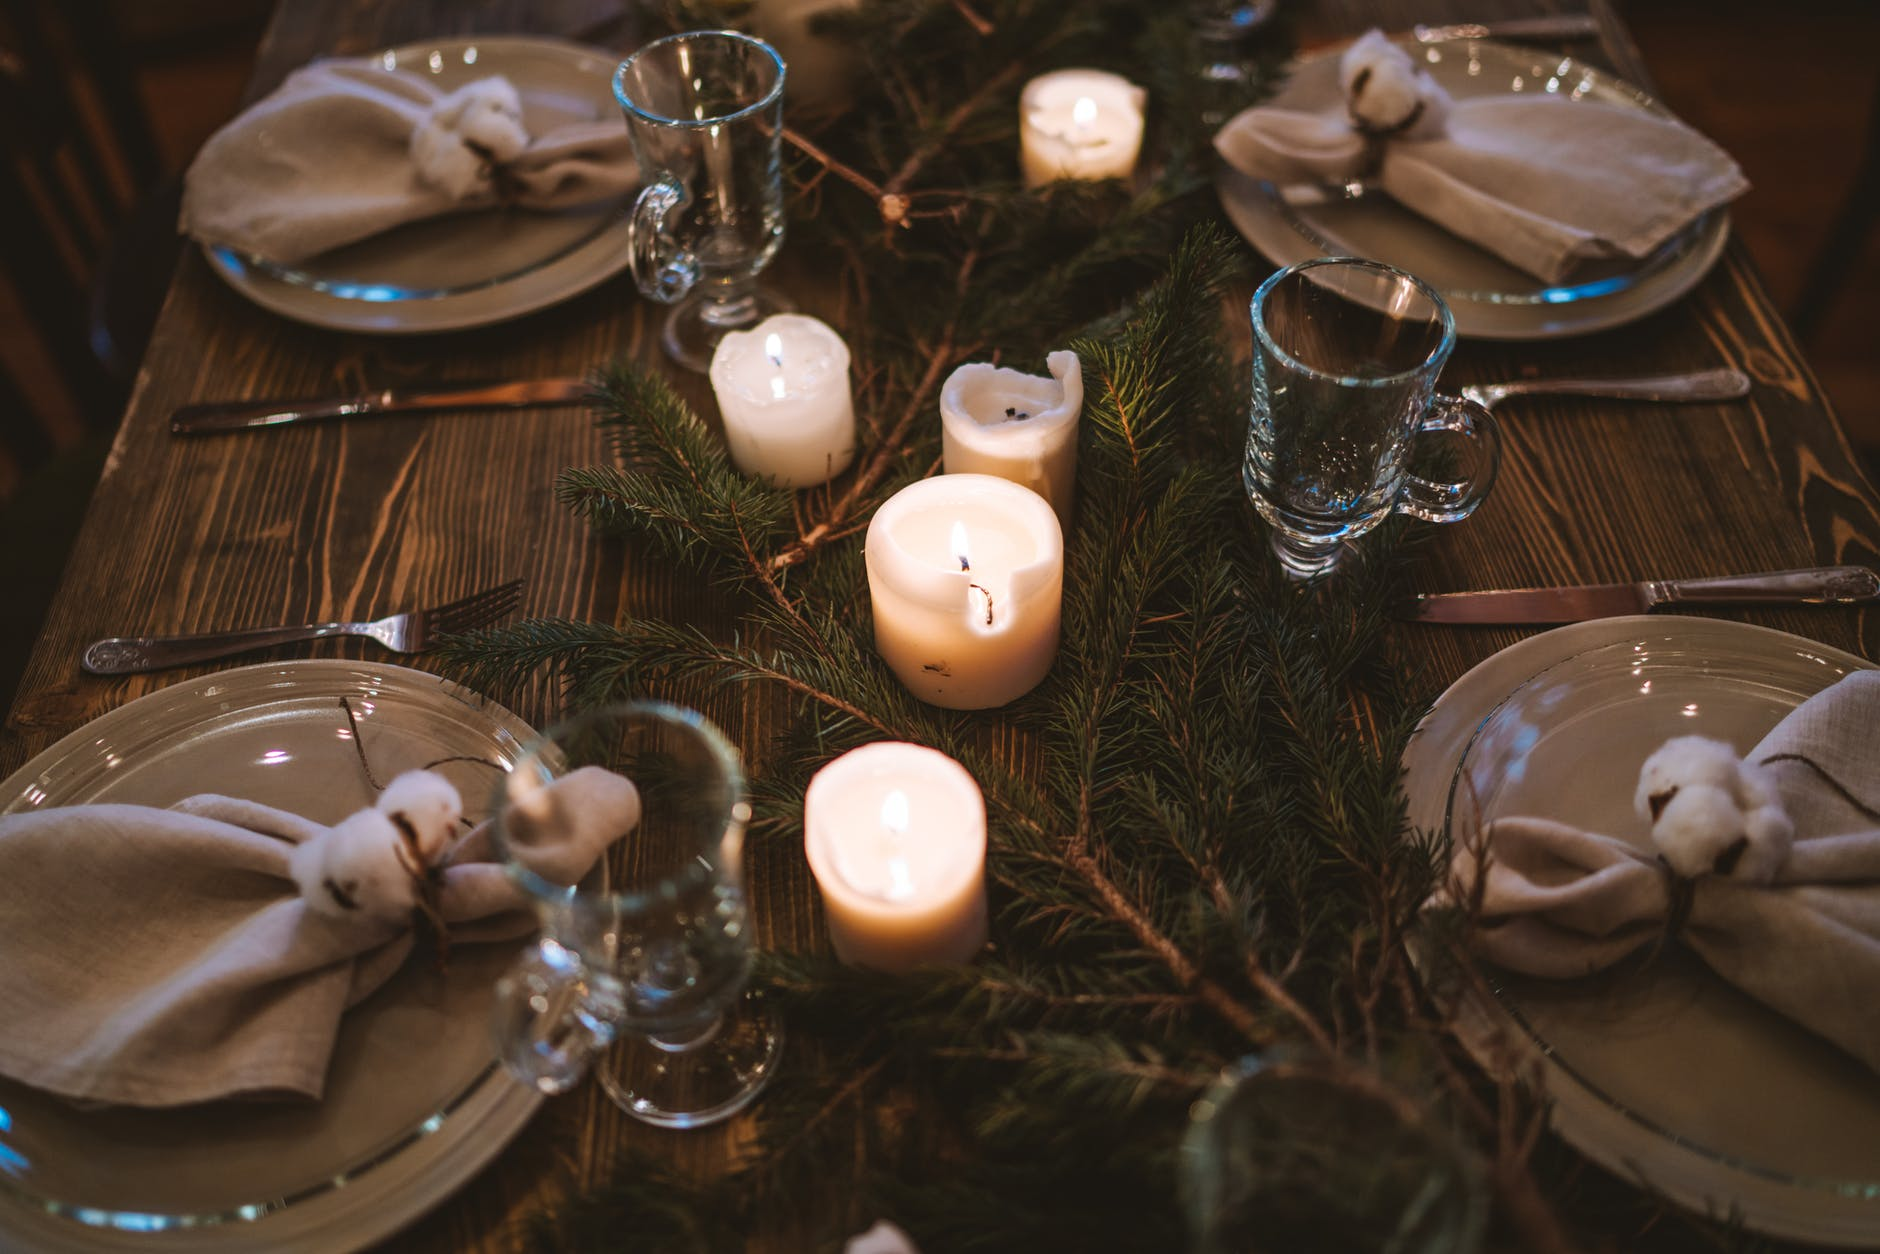 Inšpirácia na vianočné prestieranie - prírodné dekorácie / Zdroj: Pexels